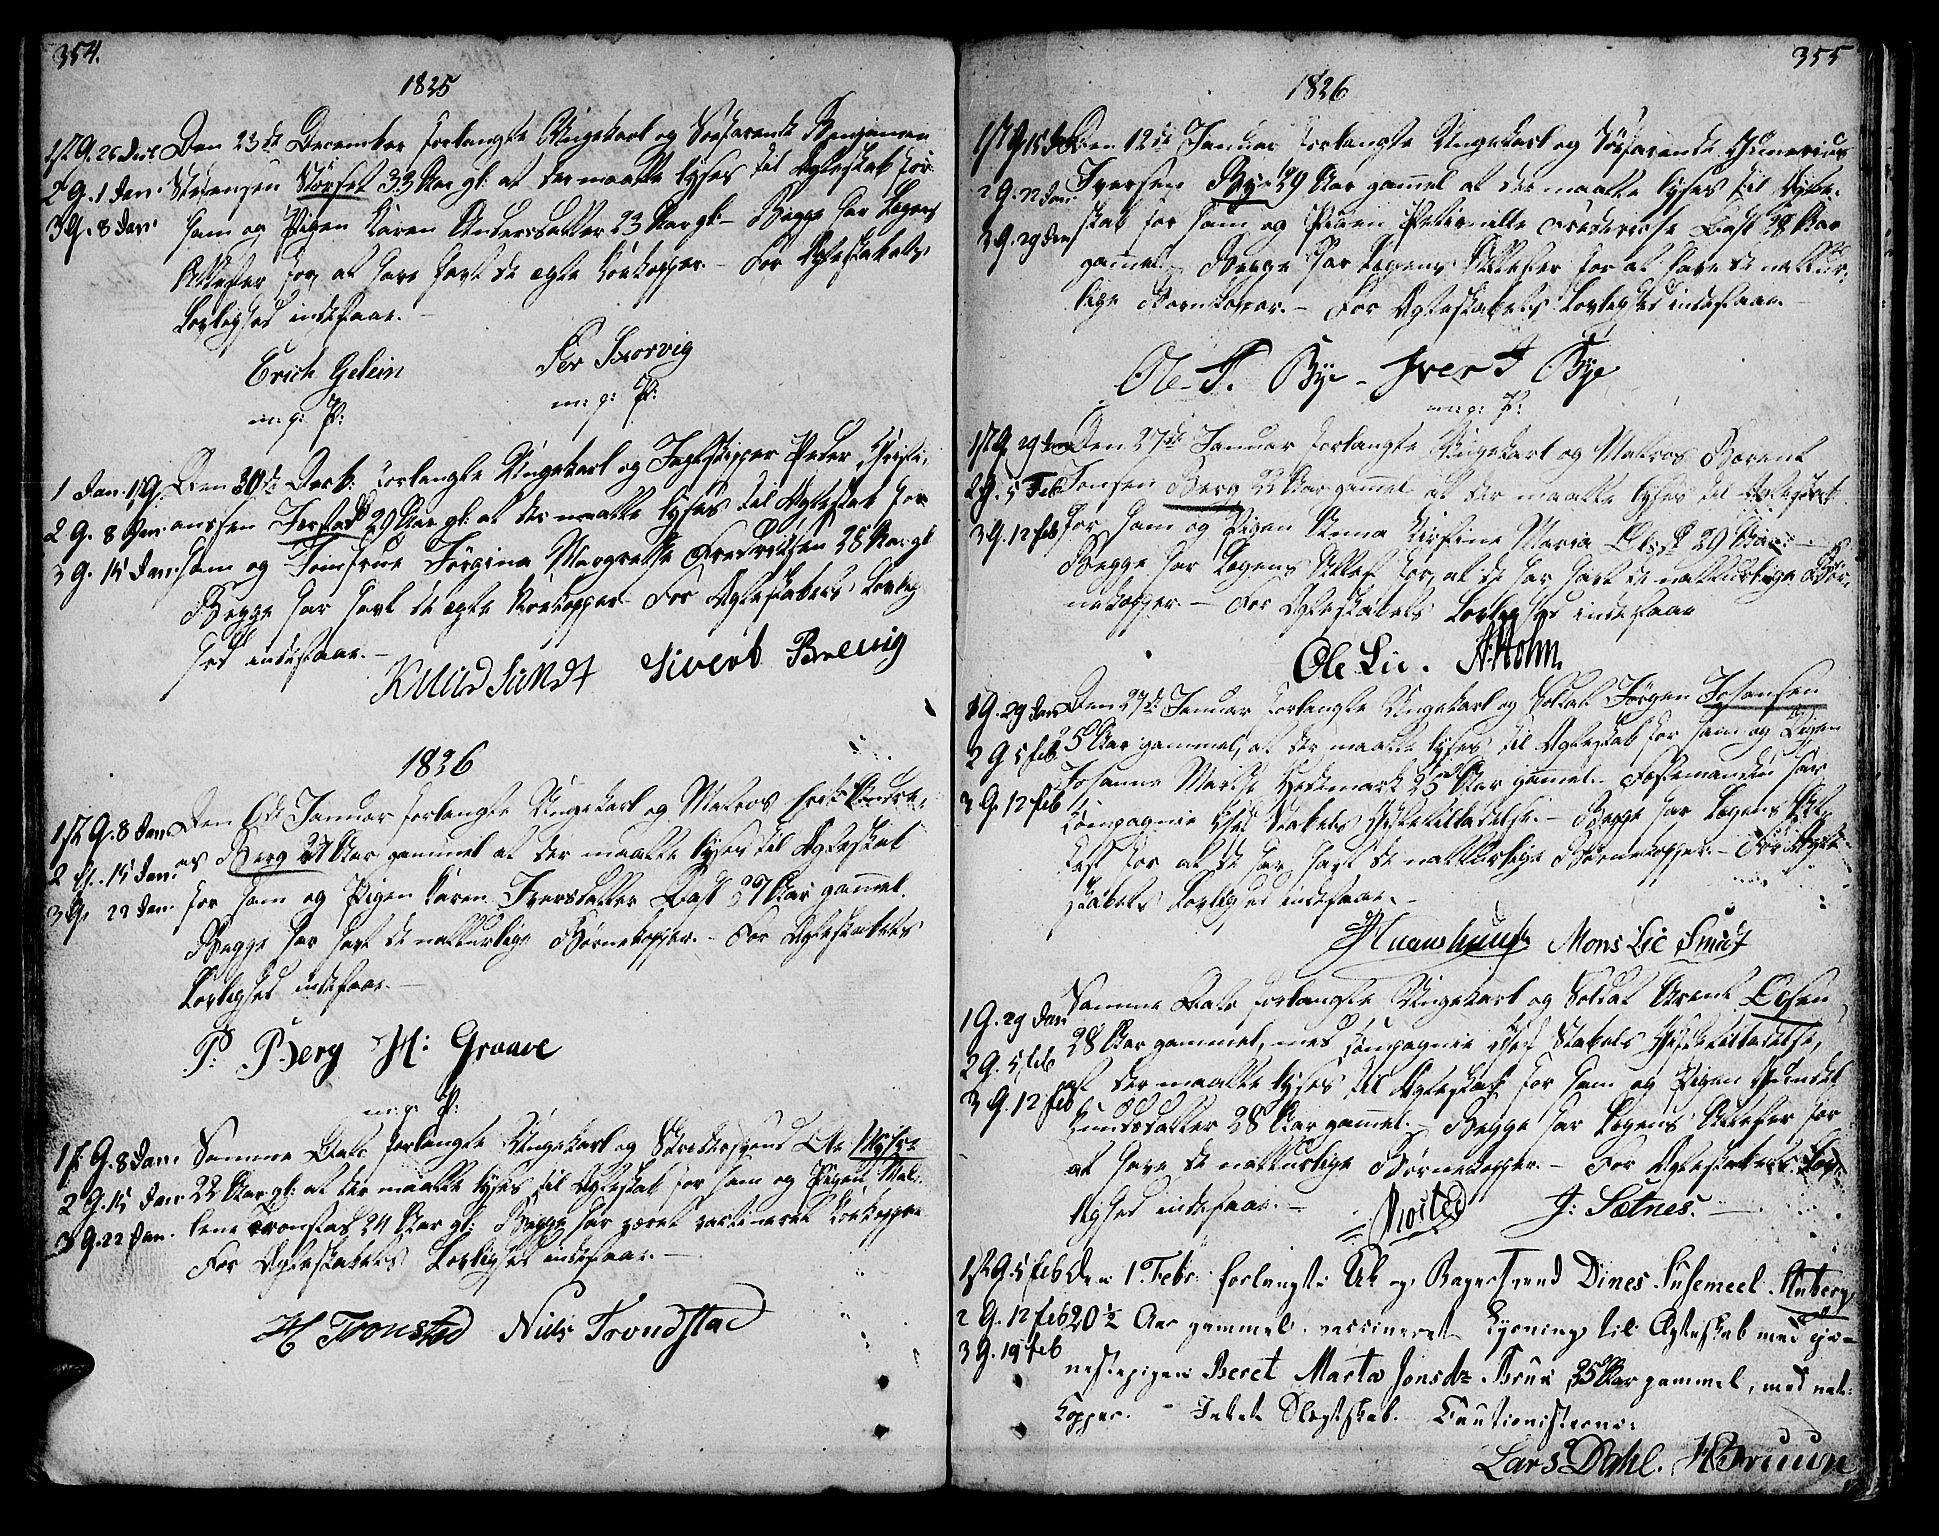 SAT, Ministerialprotokoller, klokkerbøker og fødselsregistre - Sør-Trøndelag, 601/L0042: Ministerialbok nr. 601A10, 1802-1830, s. 354-355